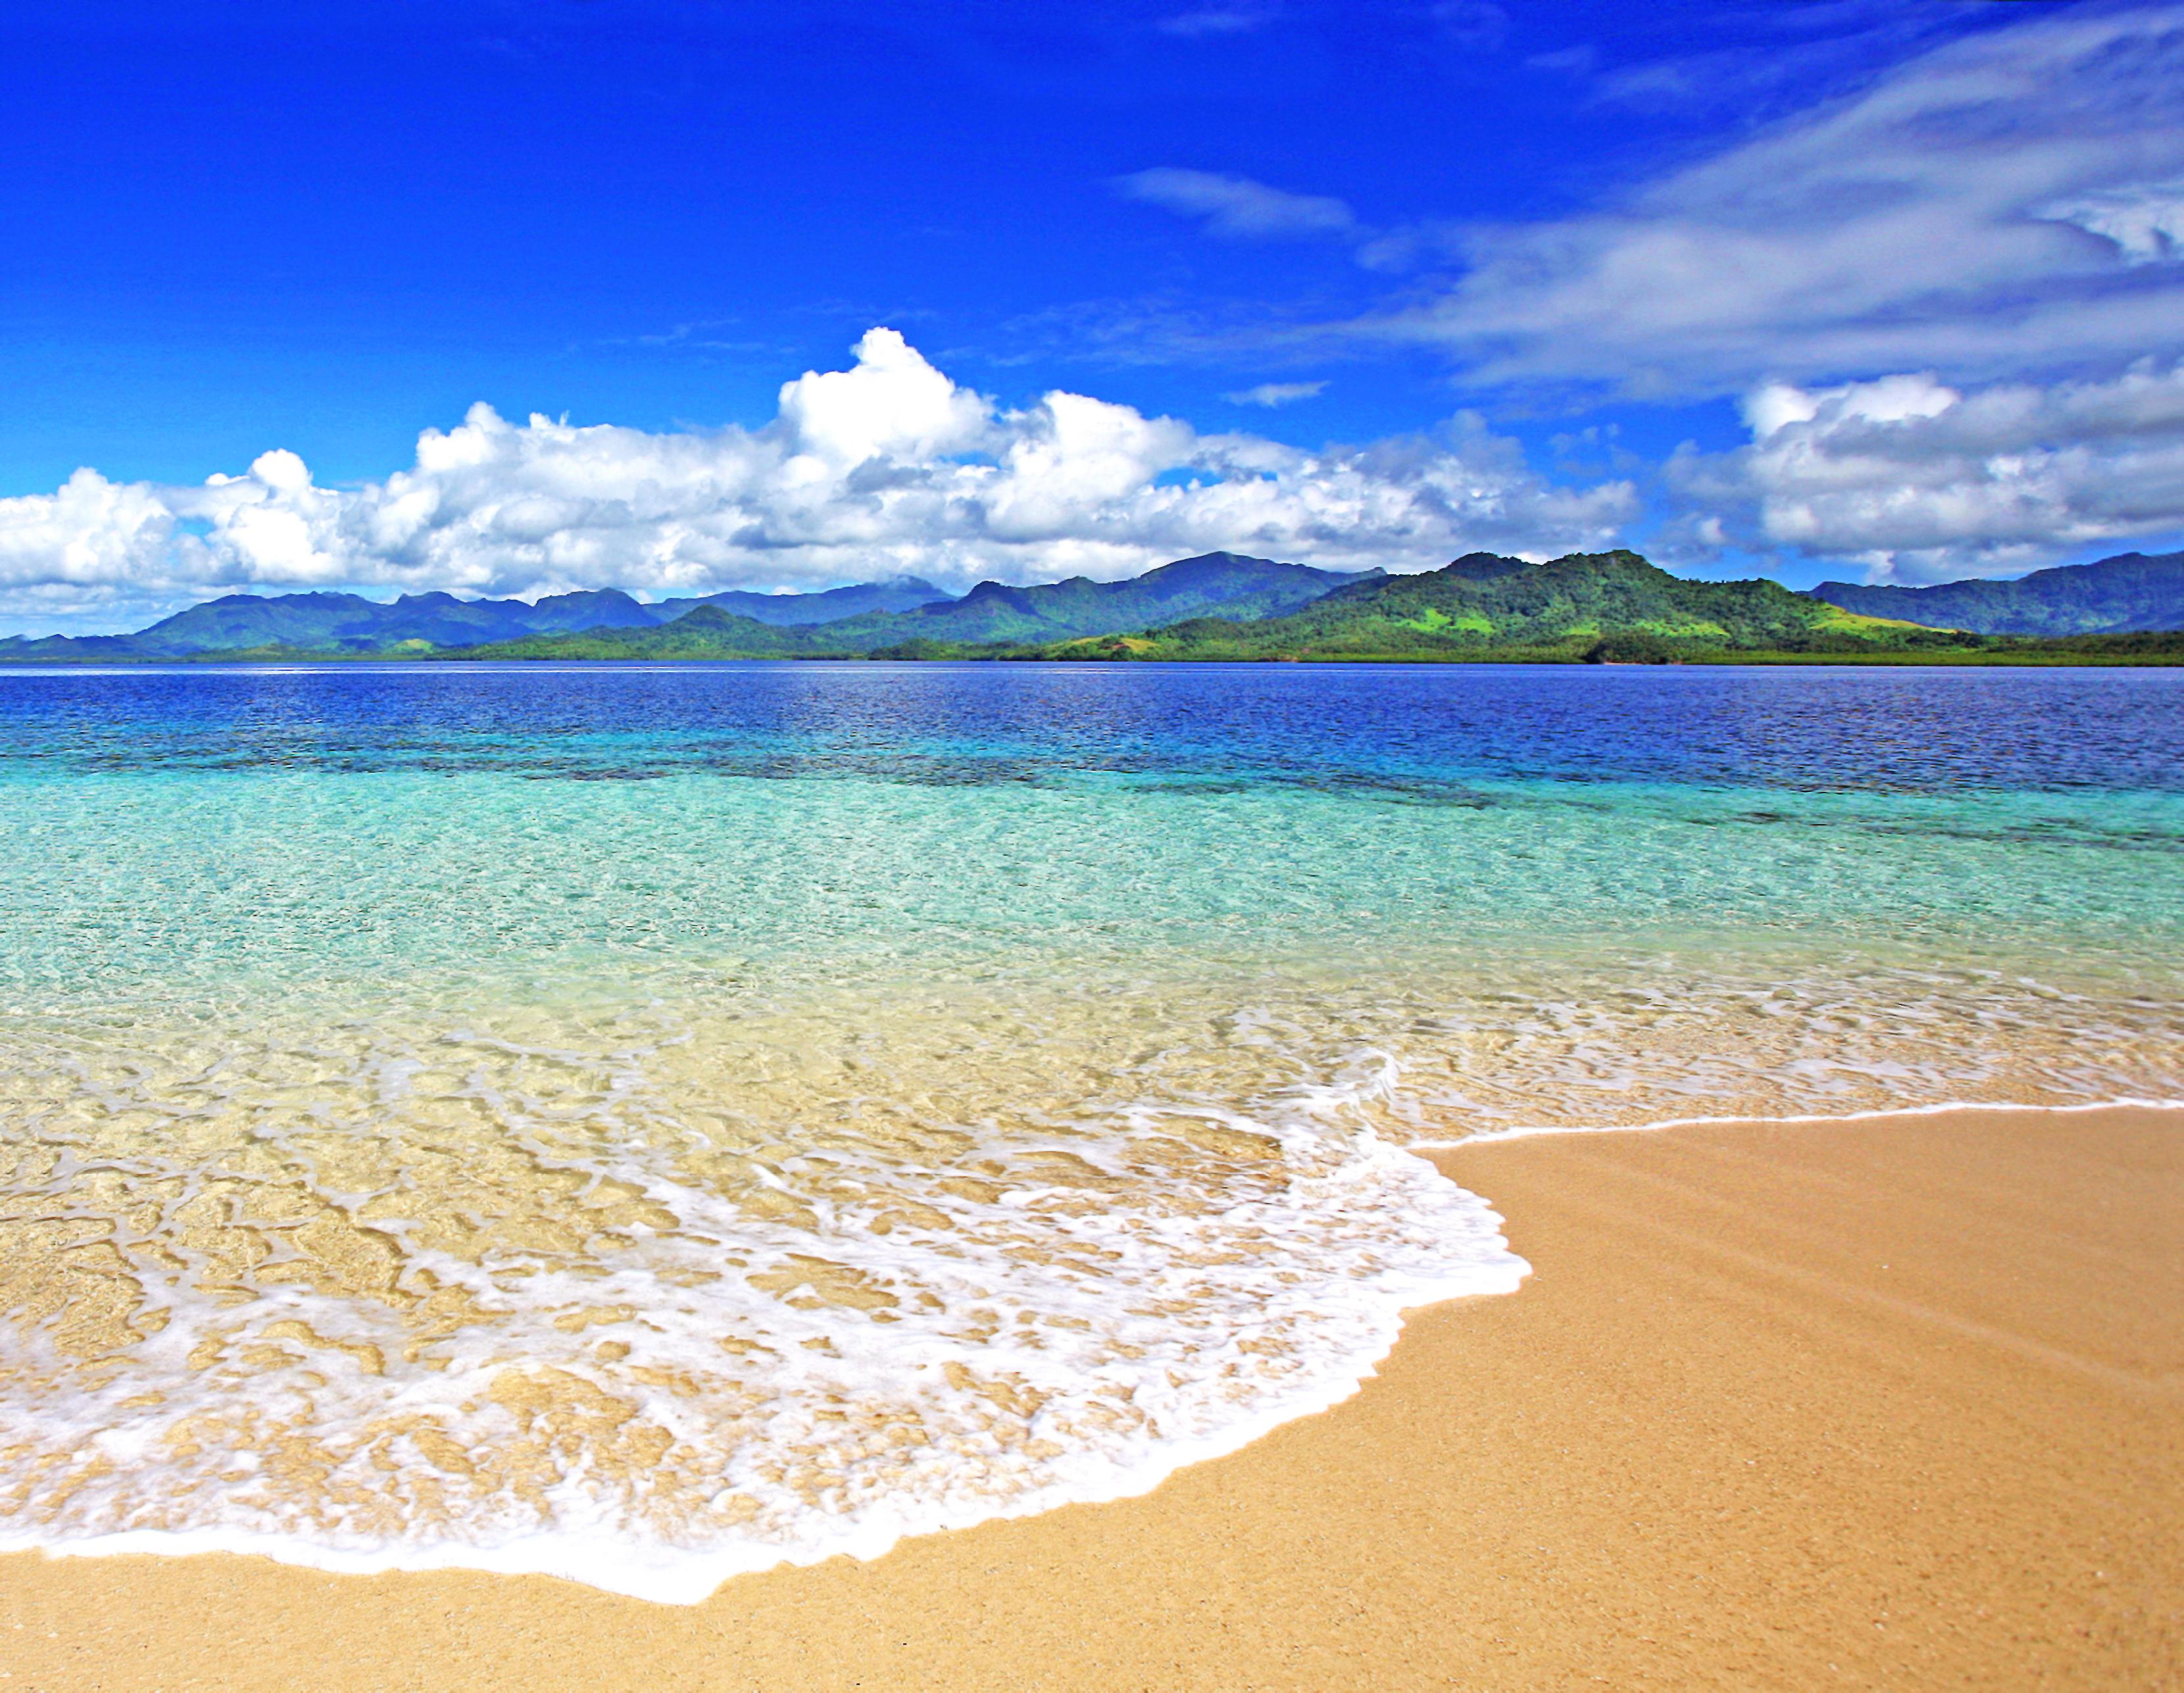 красивые фото моря и пляжа тому